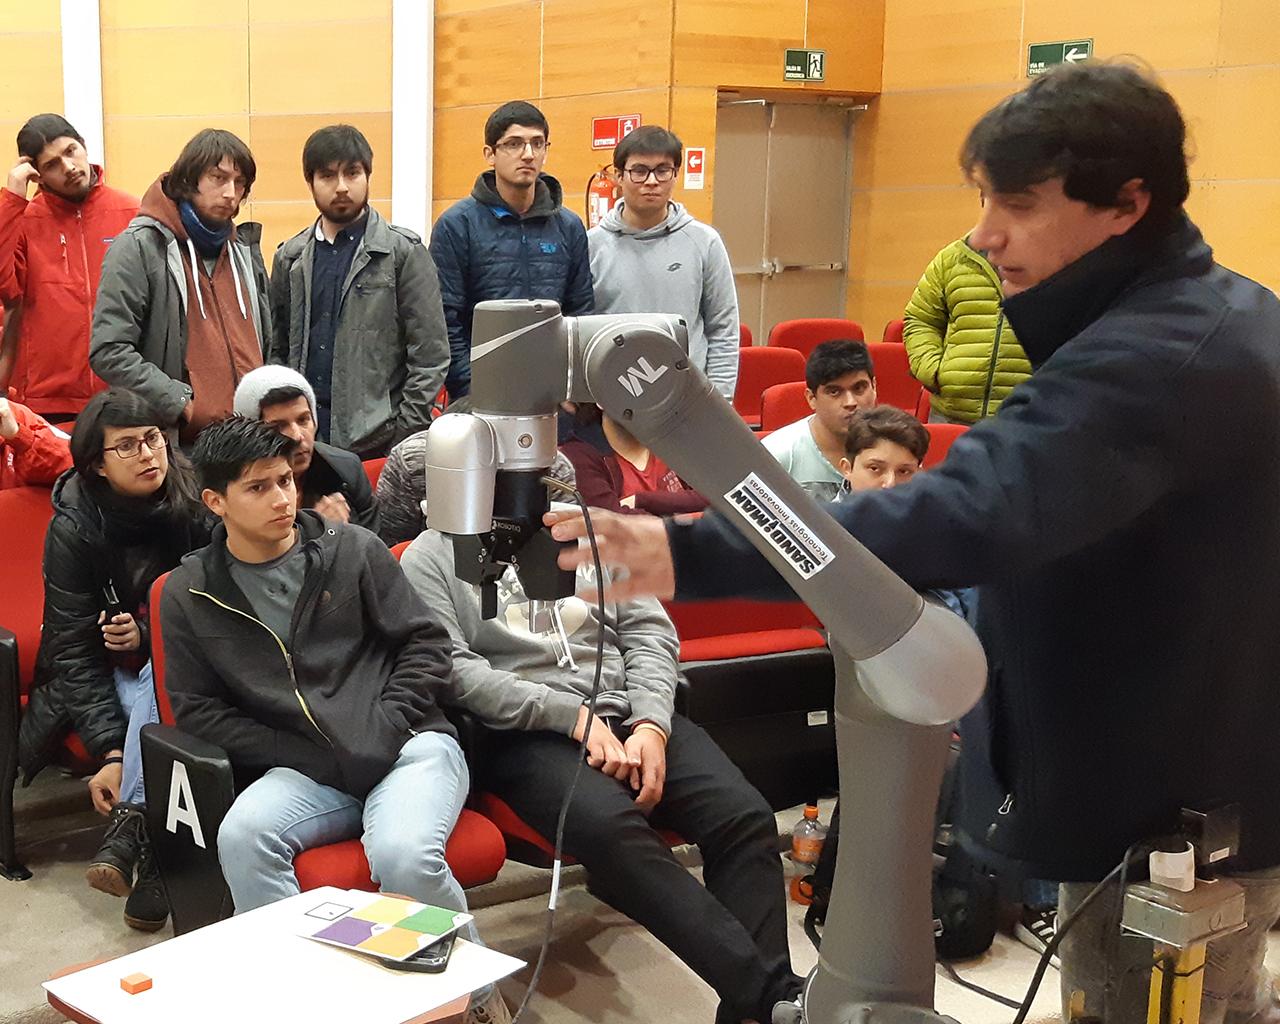 Estudiantes de Ingeniería conocen nuevas tecnologías robóticas